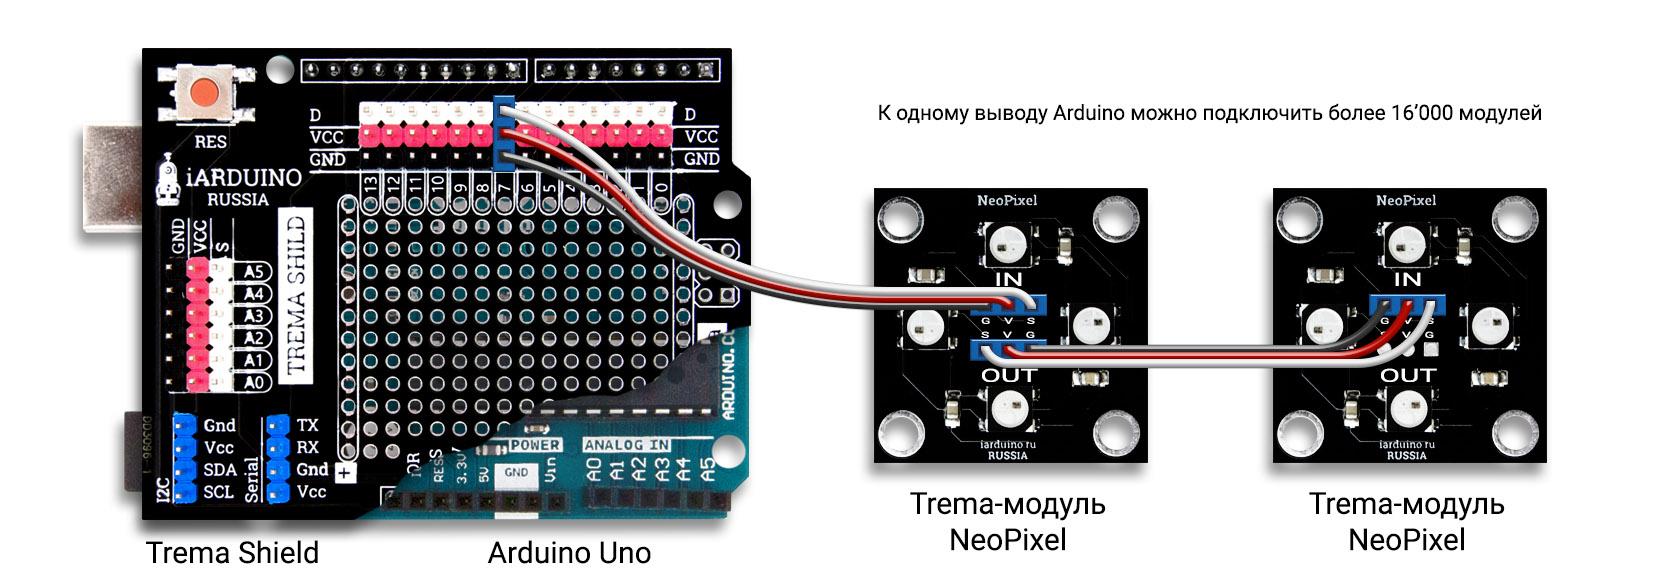 Подключение модуля NeoPixel к Arduino